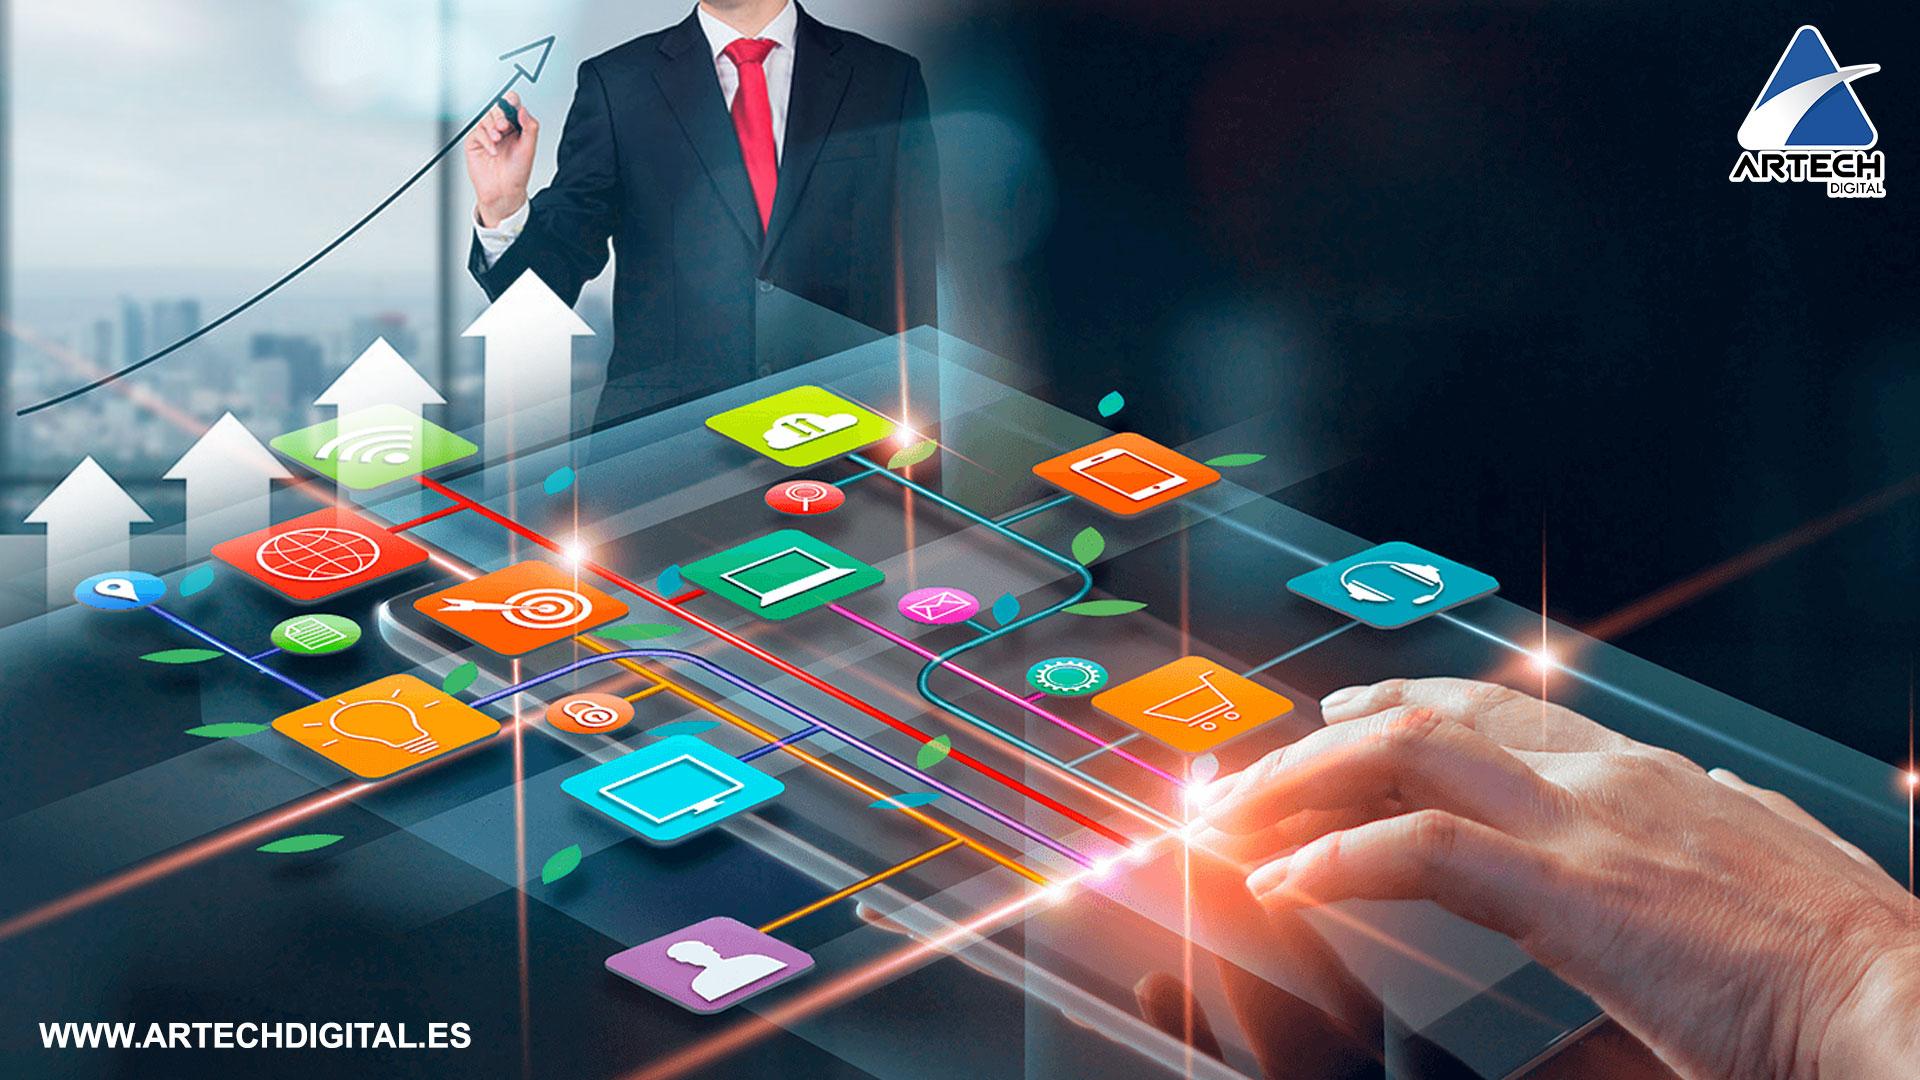 Desafíos en medios digitales - Artech Digital